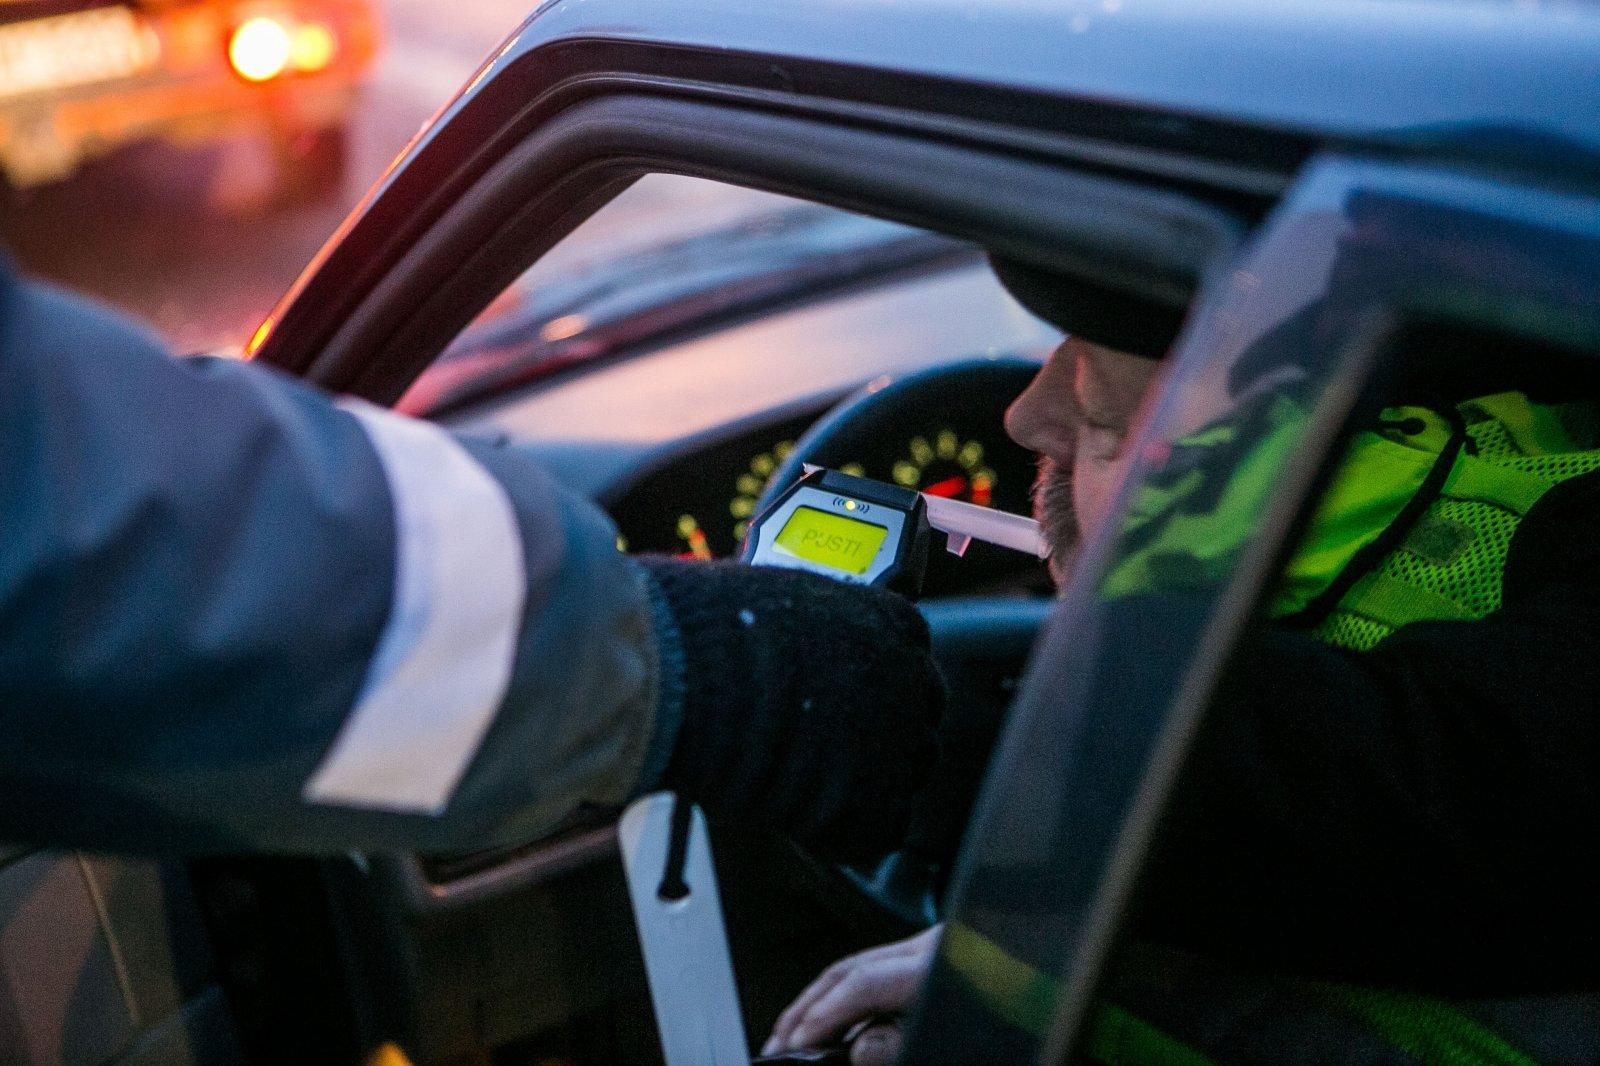 Выяснилось, сколько тверских водителей сели пьяными за руль 1 января